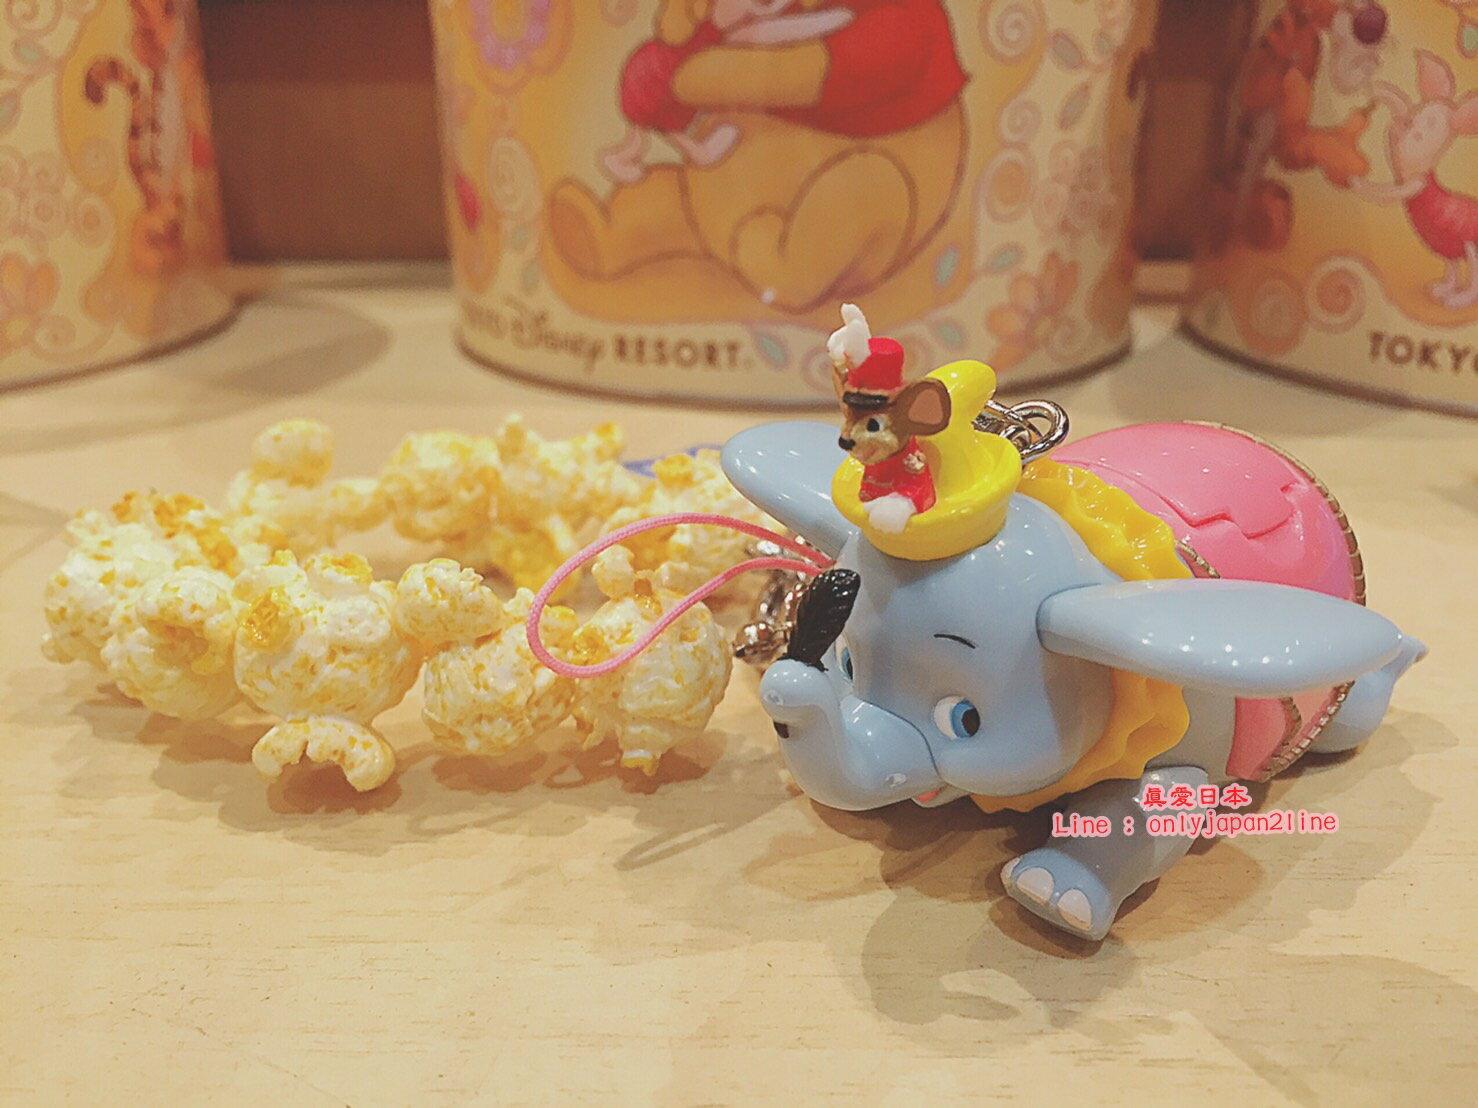 【真愛日本】16100500041樂園限定鎖圈-爆米花筒小飛象  迪士尼帶回 鑰匙圈 鎖圈 吊飾